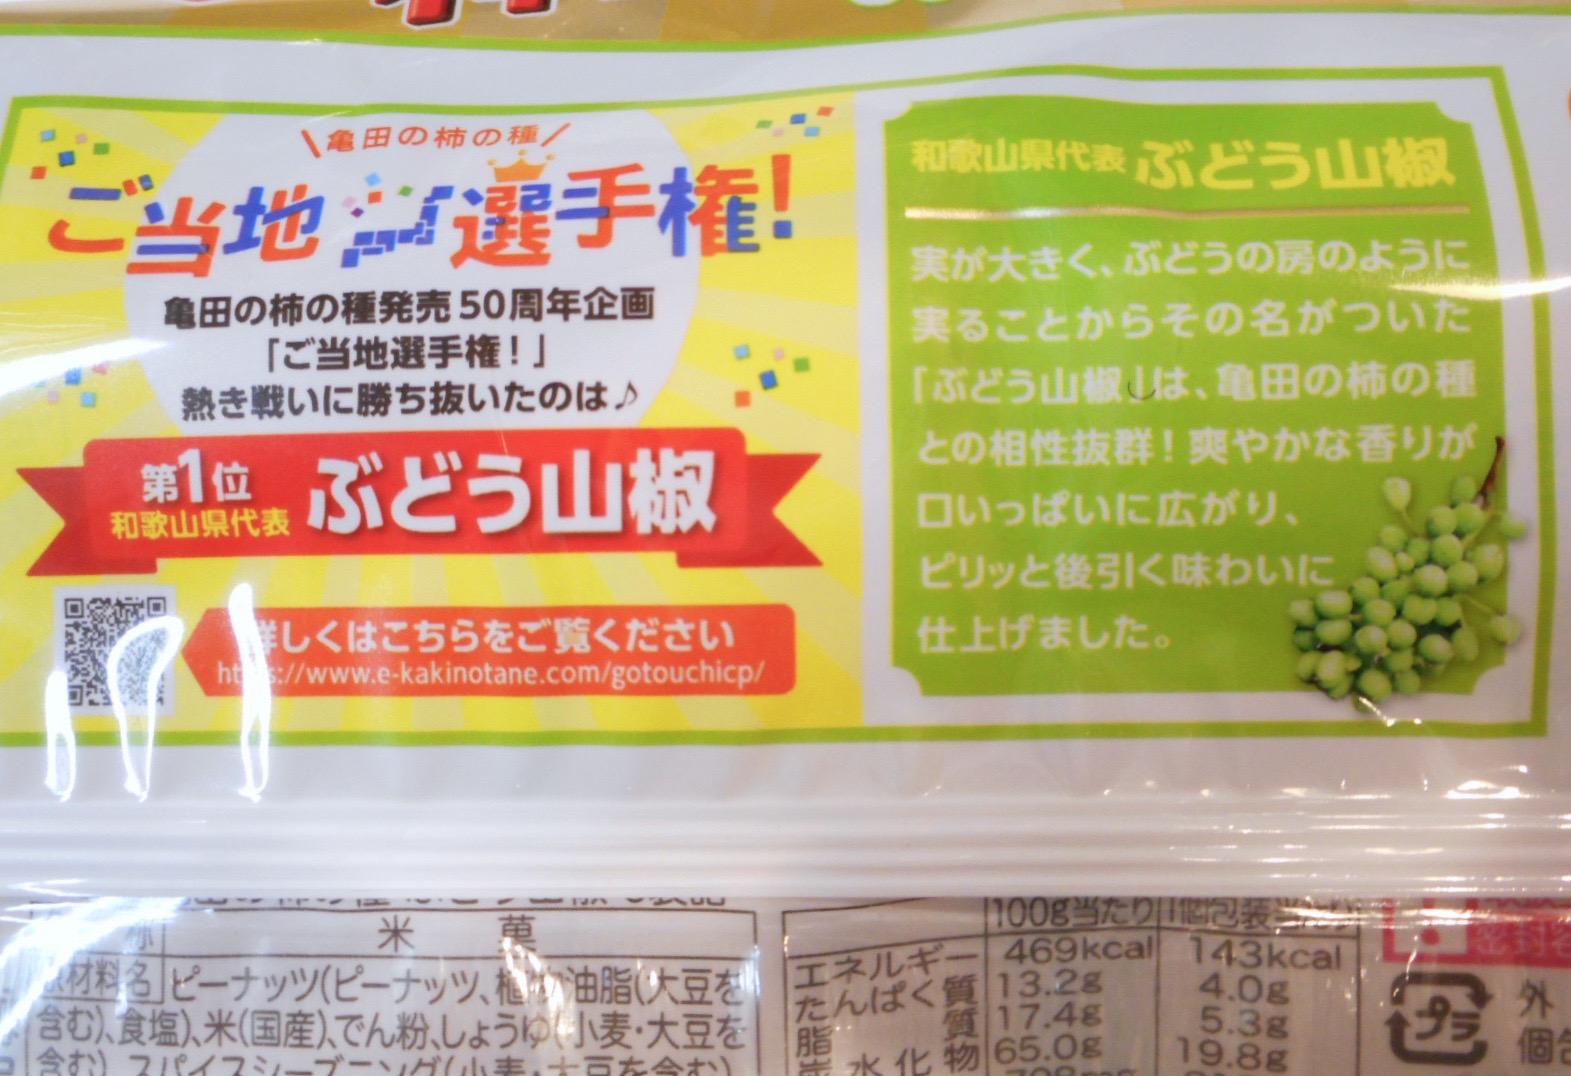 kakinotane_sanshou3.jpg